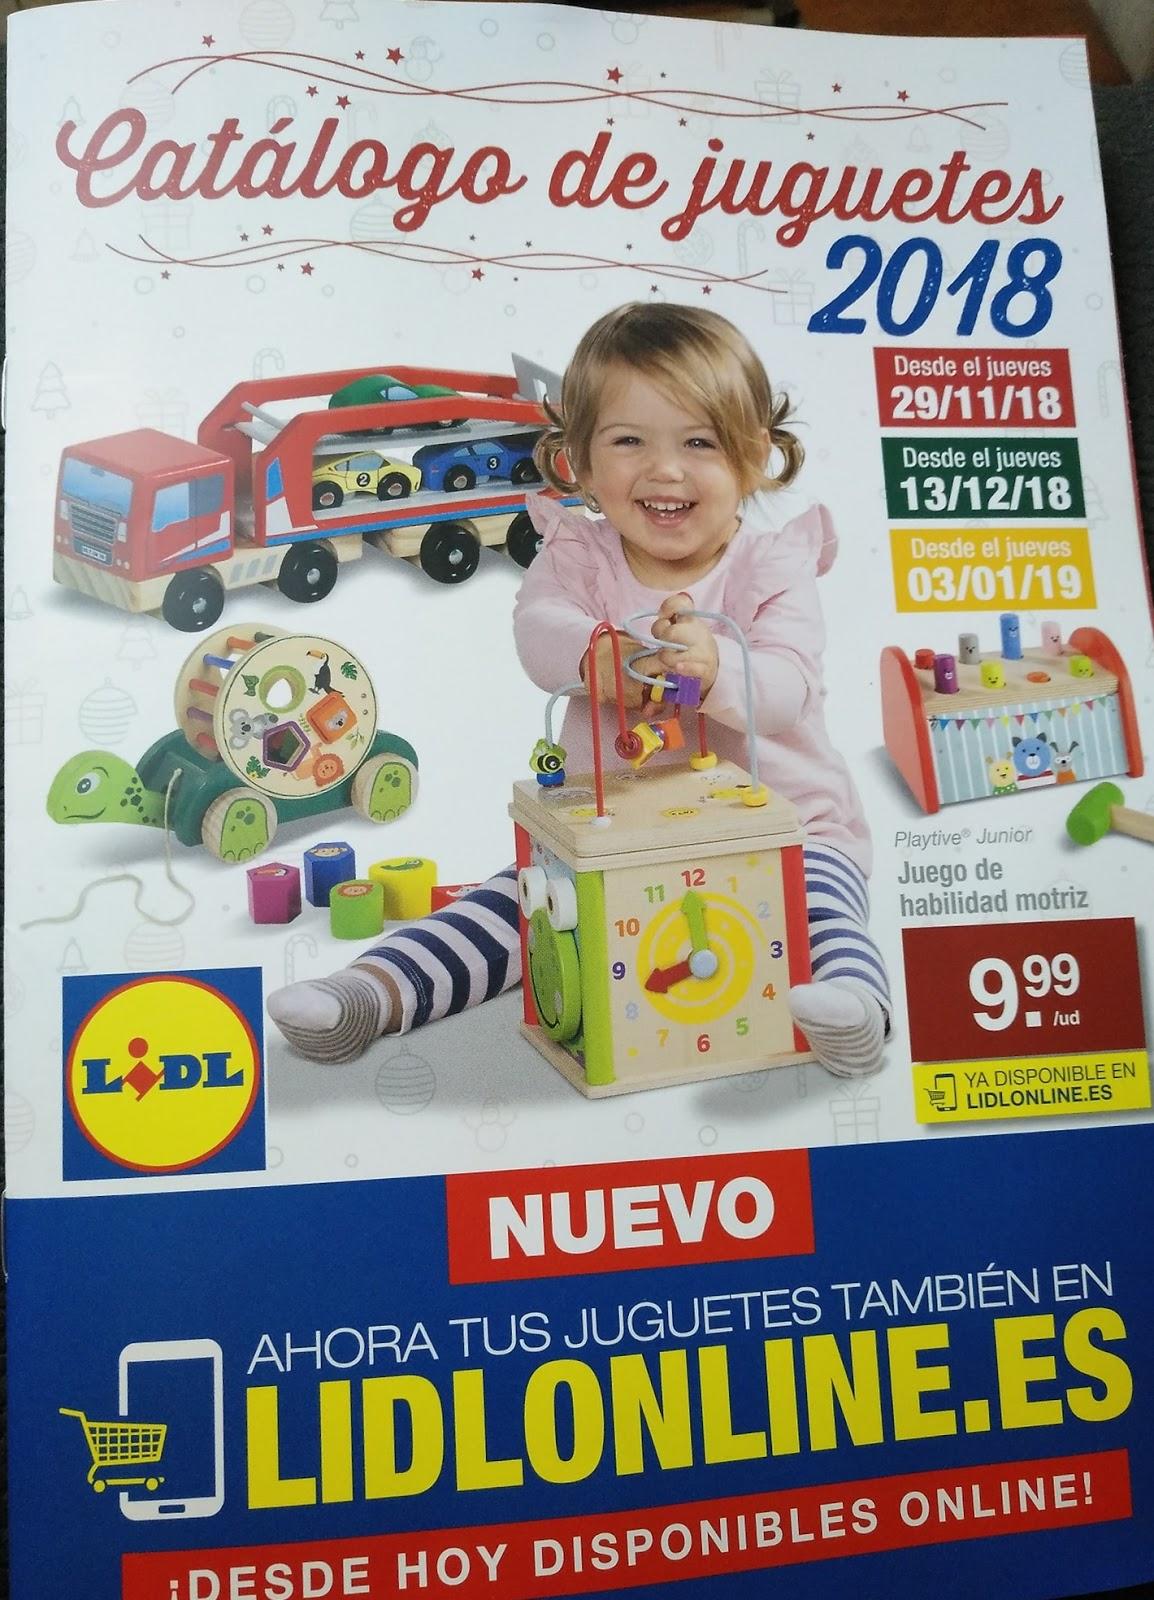 Catálogo de juguetes Lidl 2018.